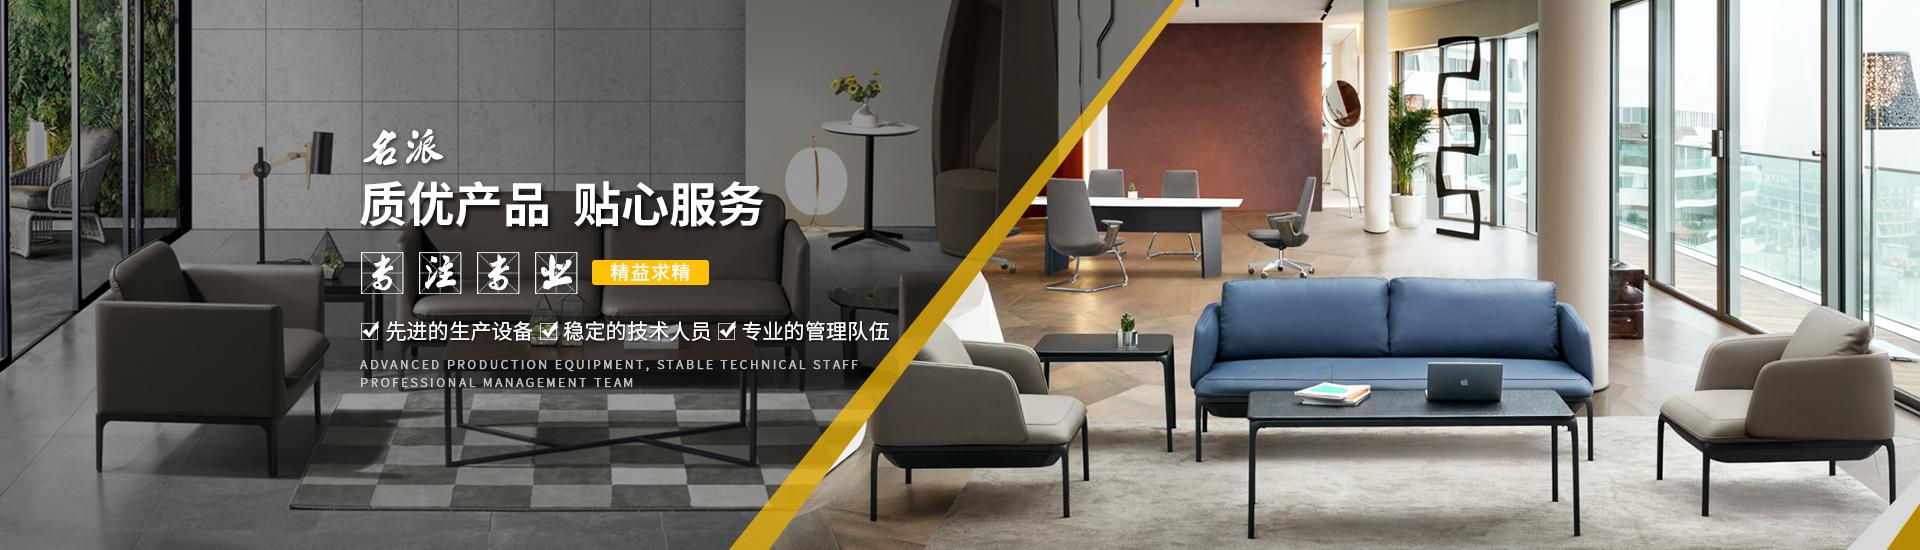 上海名派办公家具有限公司